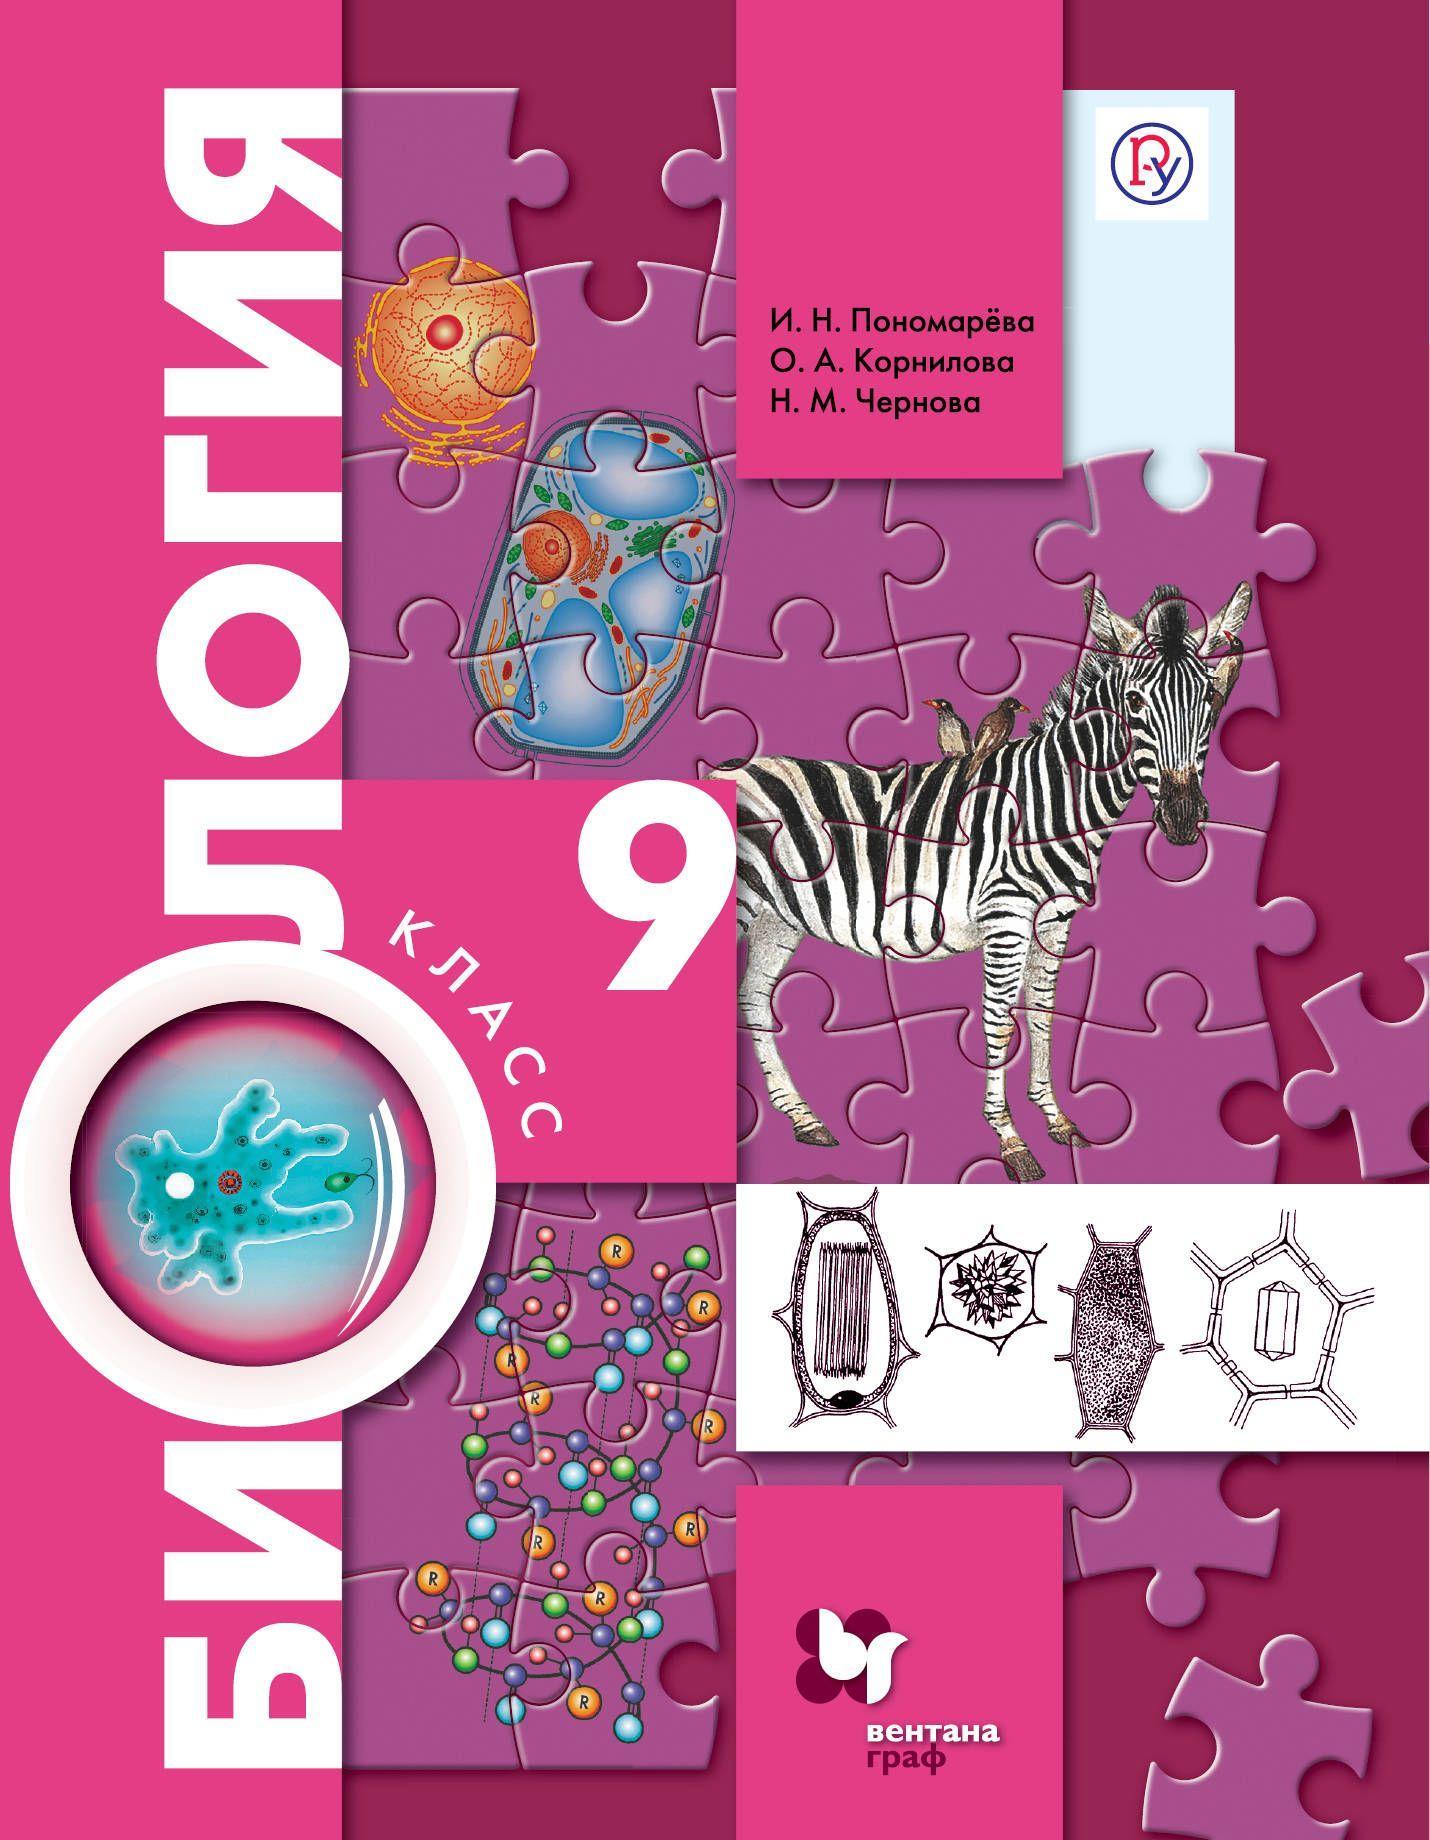 Биология. 9 класс. Учебник - Пономарева, Чернова, Корнилова